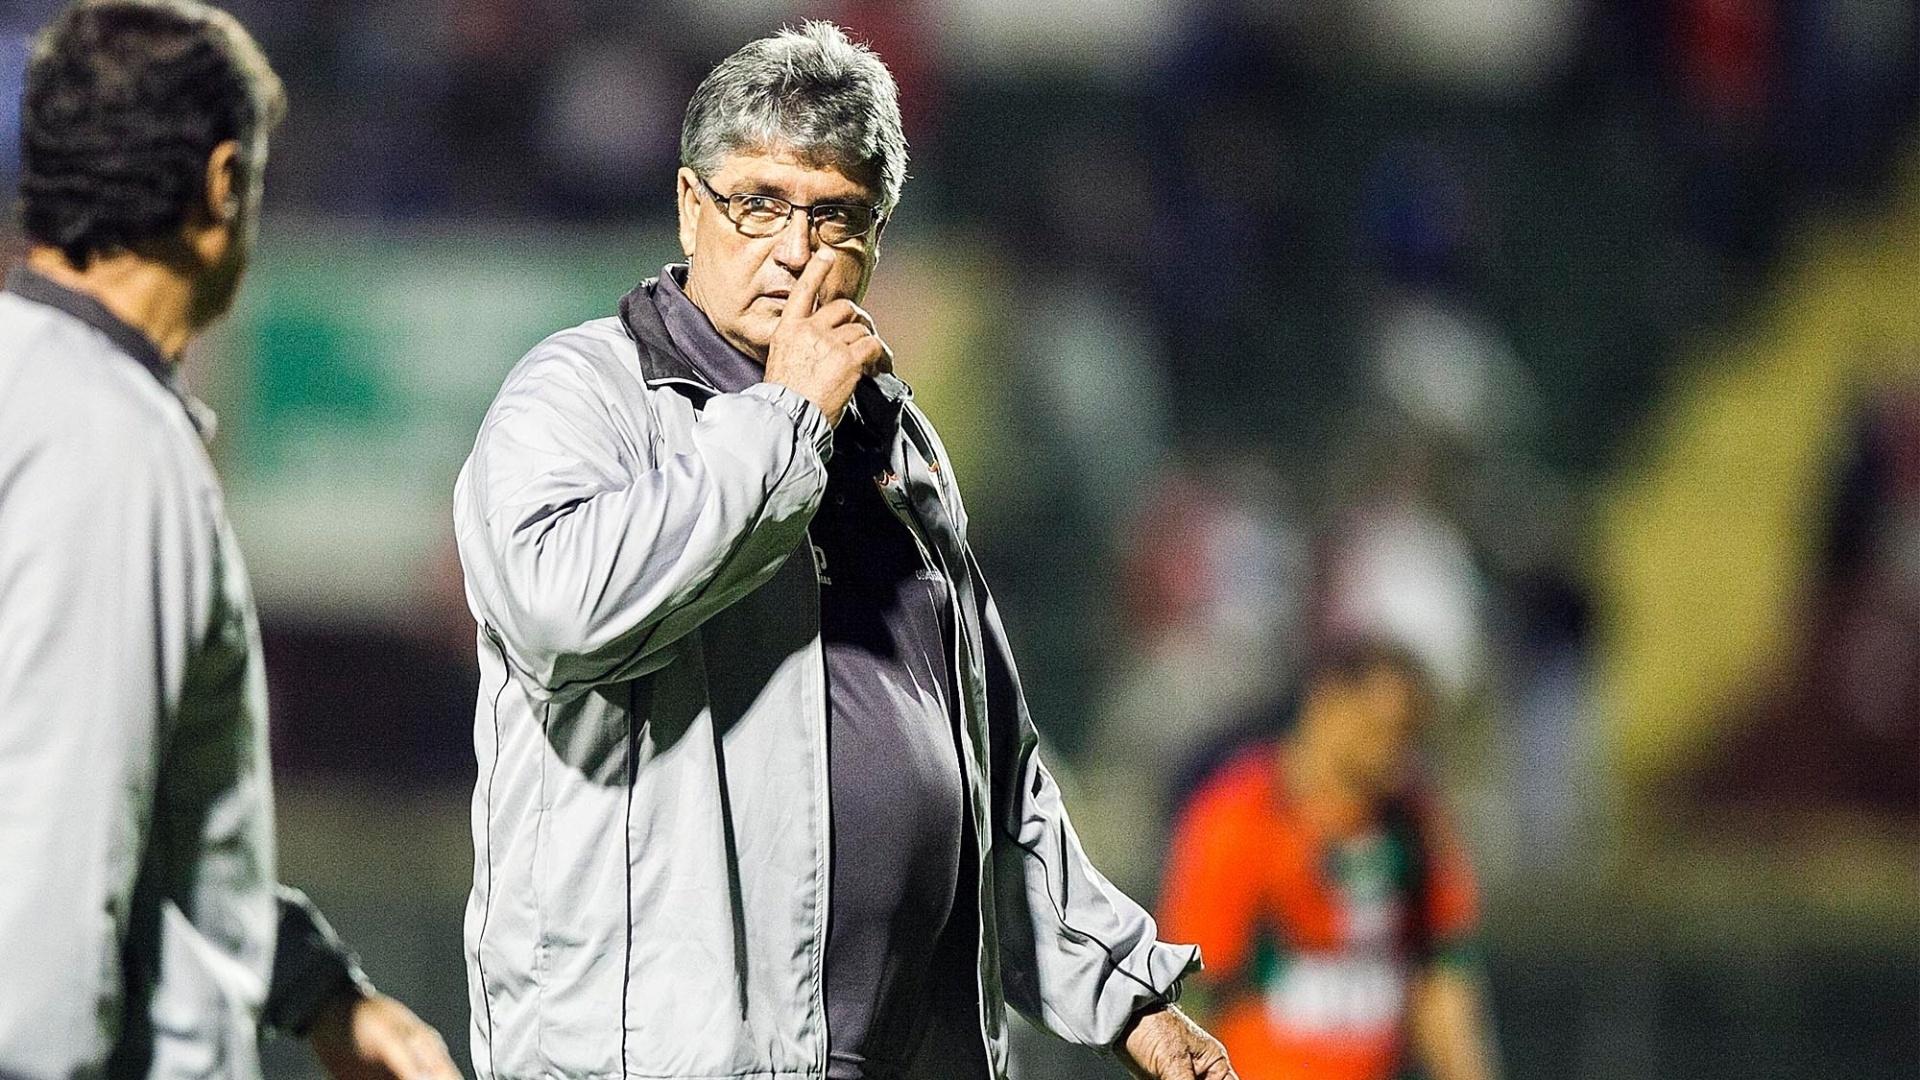 Técnico da Portuguesa, Geninho estava apreensivo no segundo tempo com a derrota da equipe